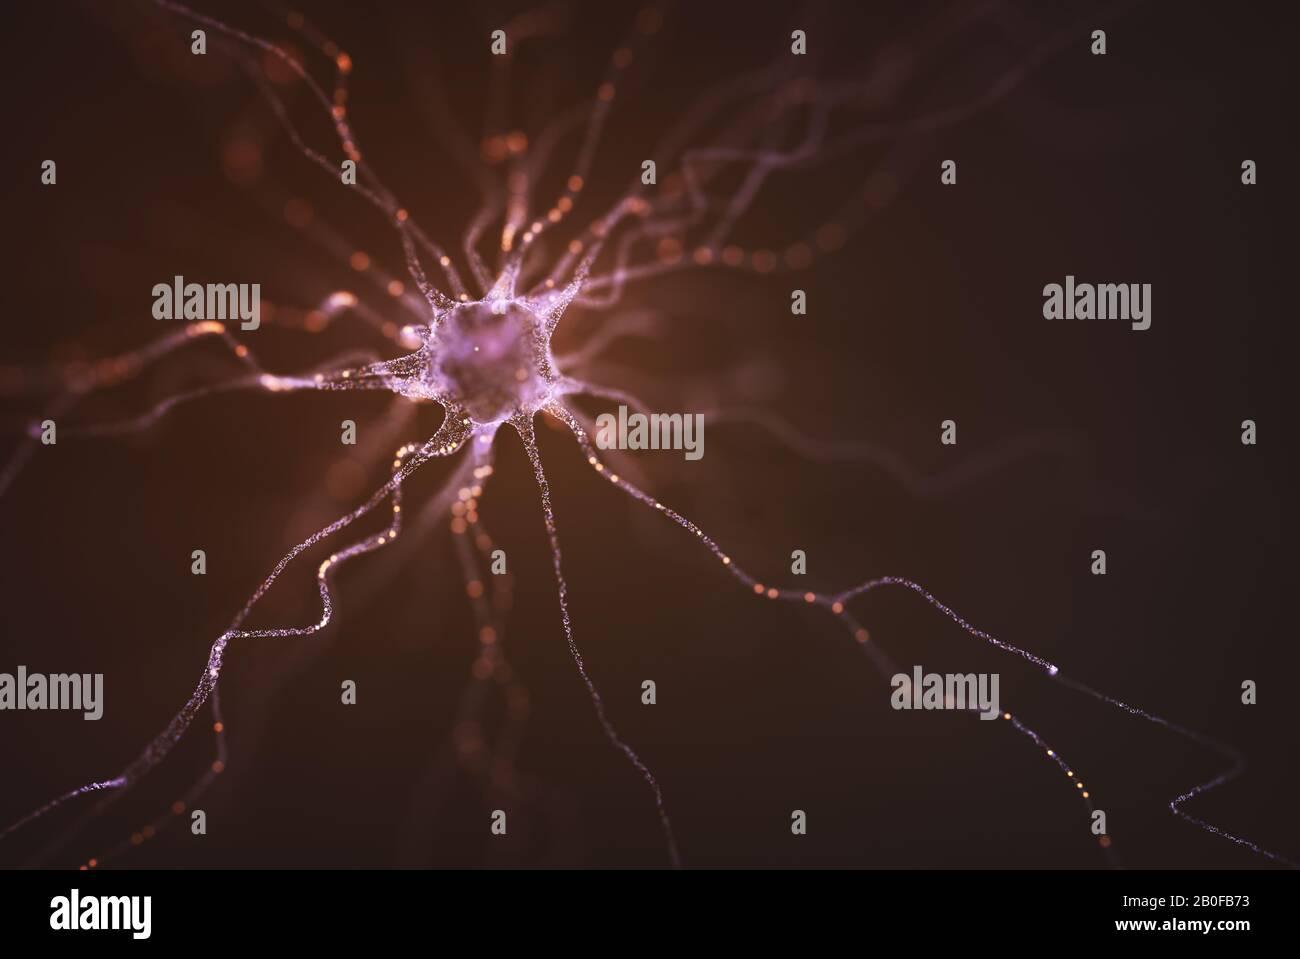 Immagine concettuale di un neurone eccitato con carica elettrica. Concetto di scienza e ricerca del cervello umano, illustrazione 3D. Foto Stock